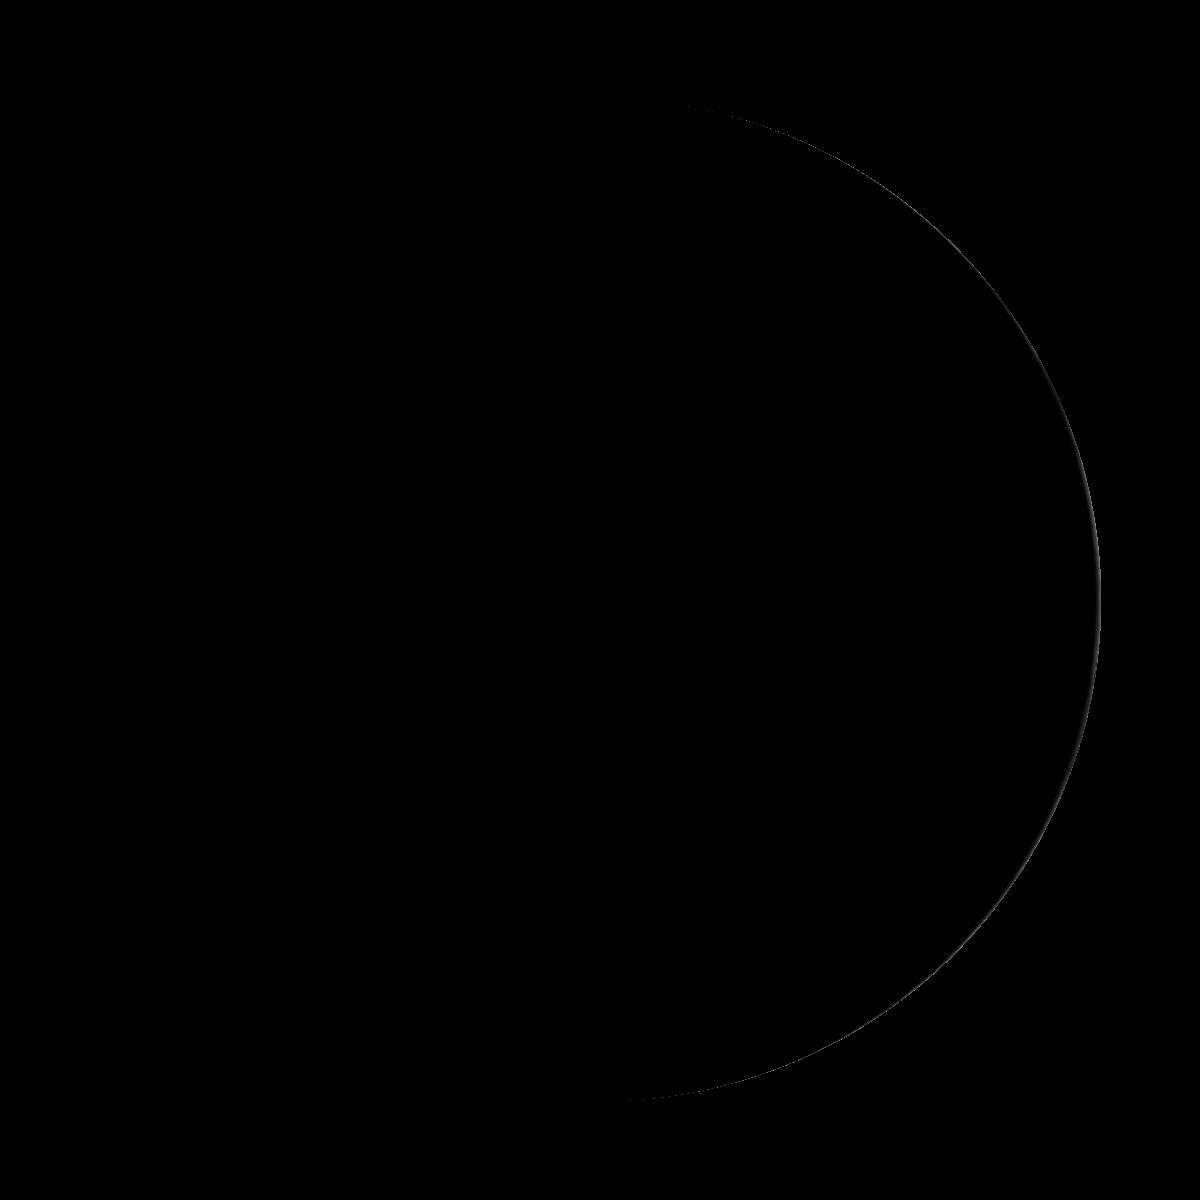 Lune du 31 aout 2019